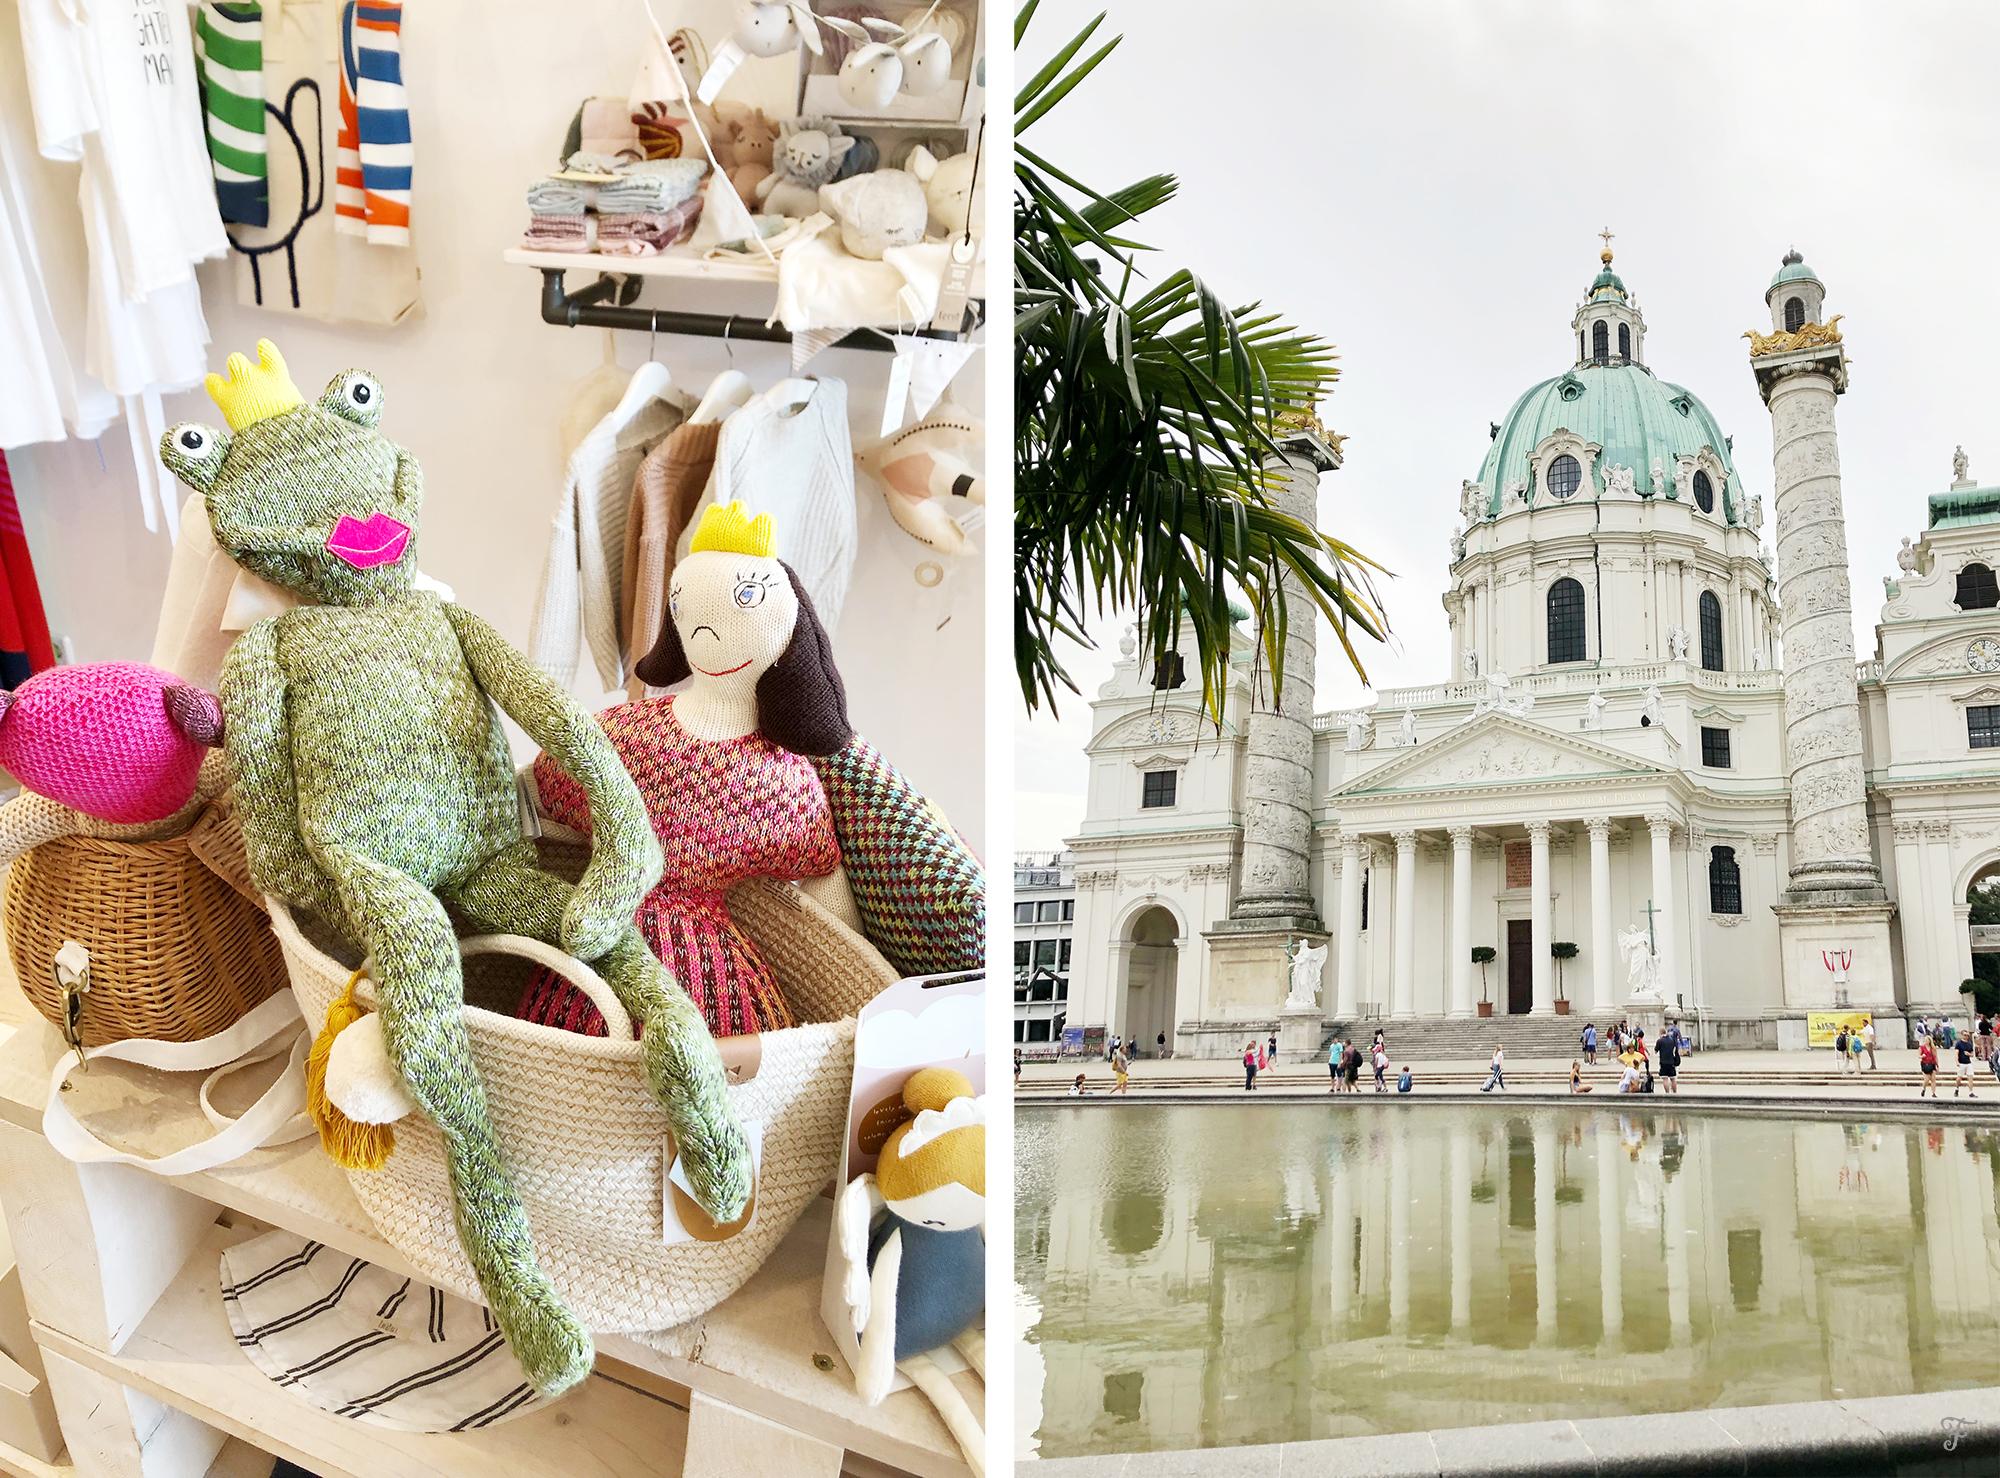 Der Kleine Salon frog anf Karlsplatz